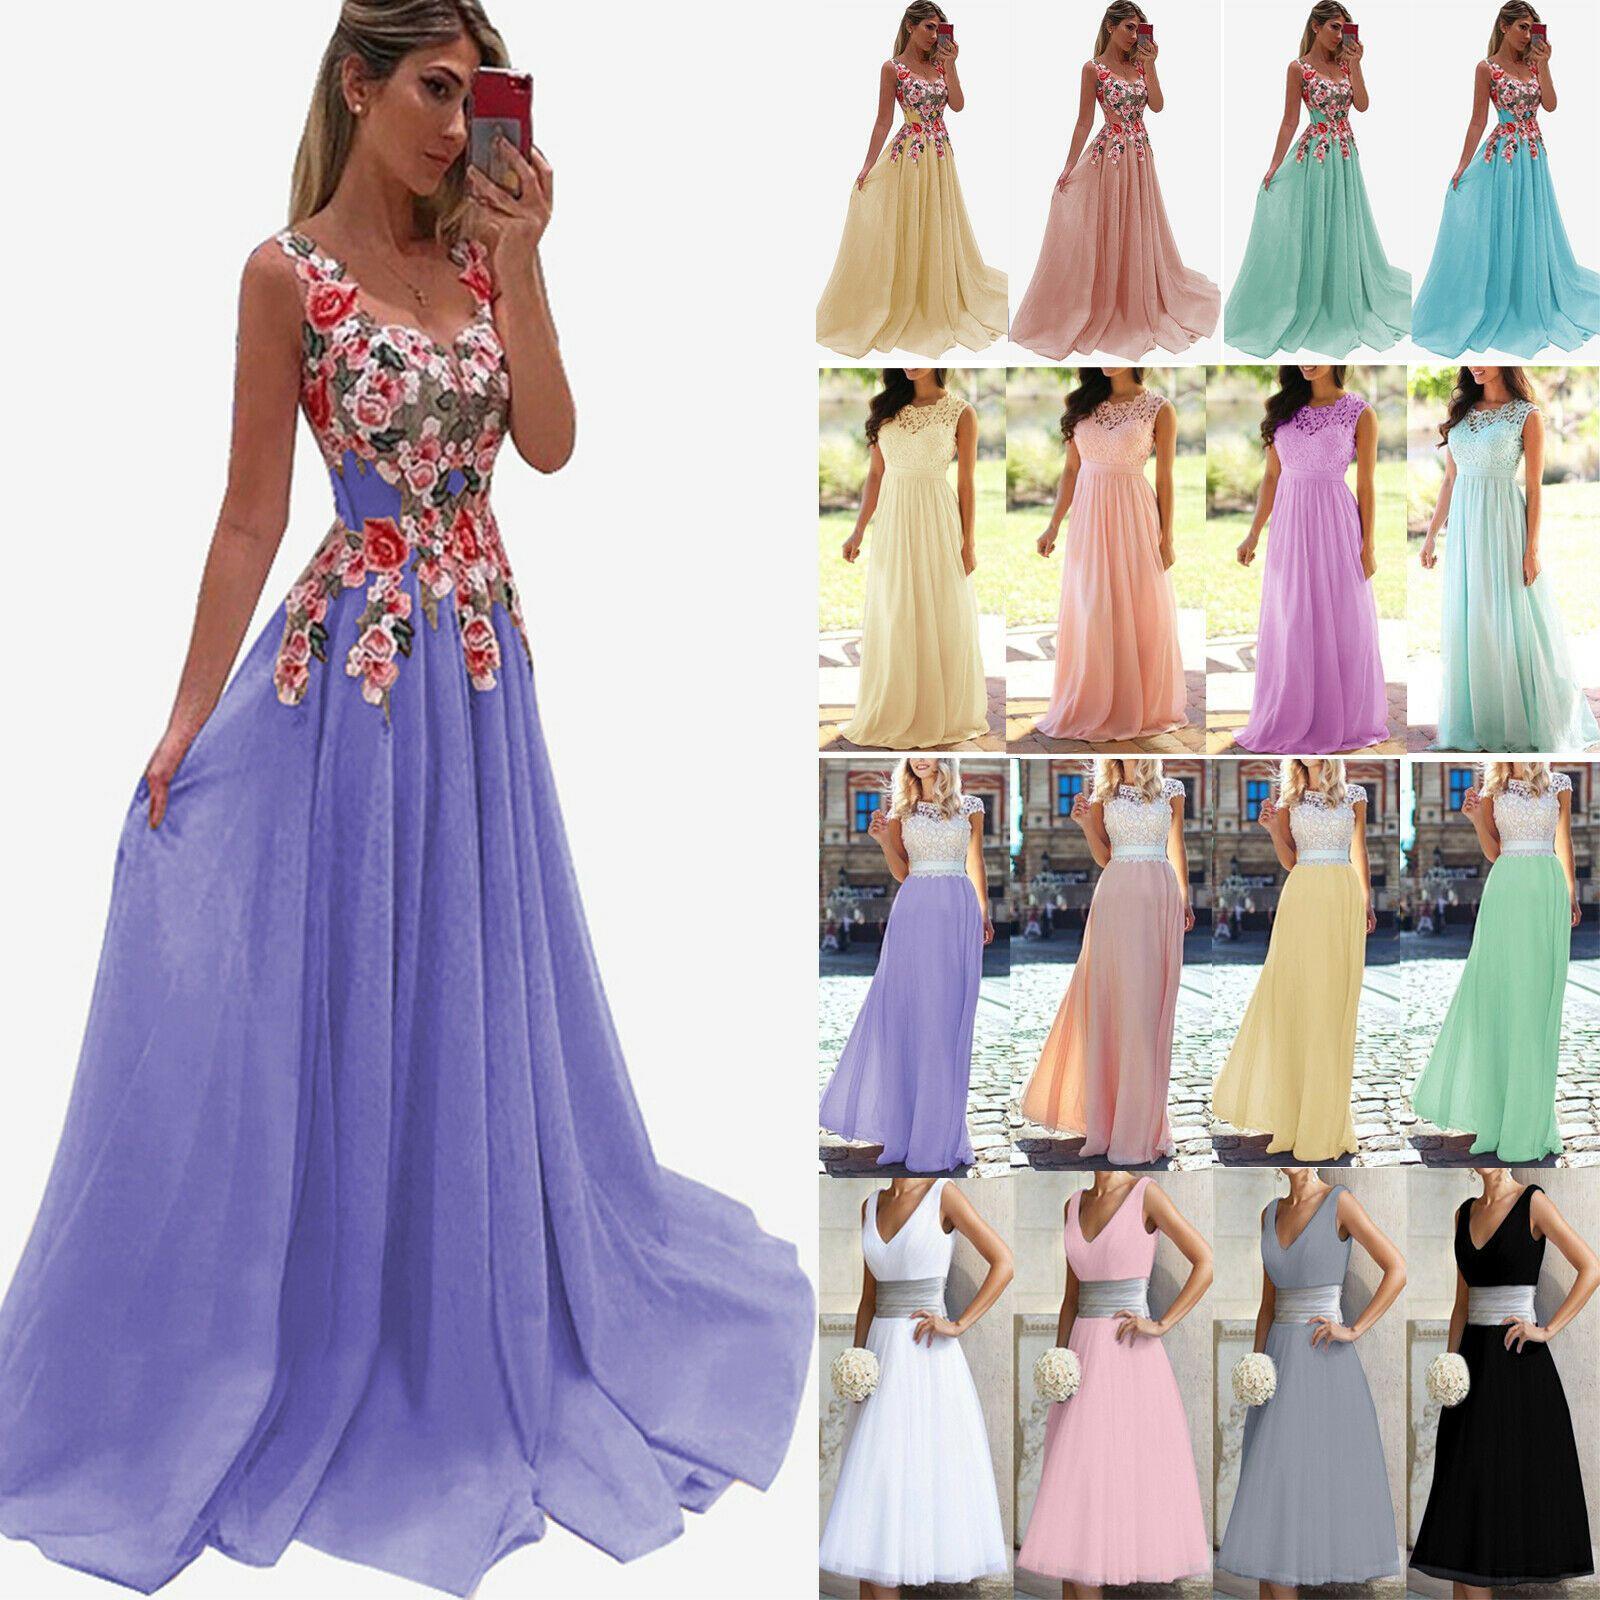 13 Cool Abend Cocktail Kleid für 201920 Leicht Abend Cocktail Kleid Boutique